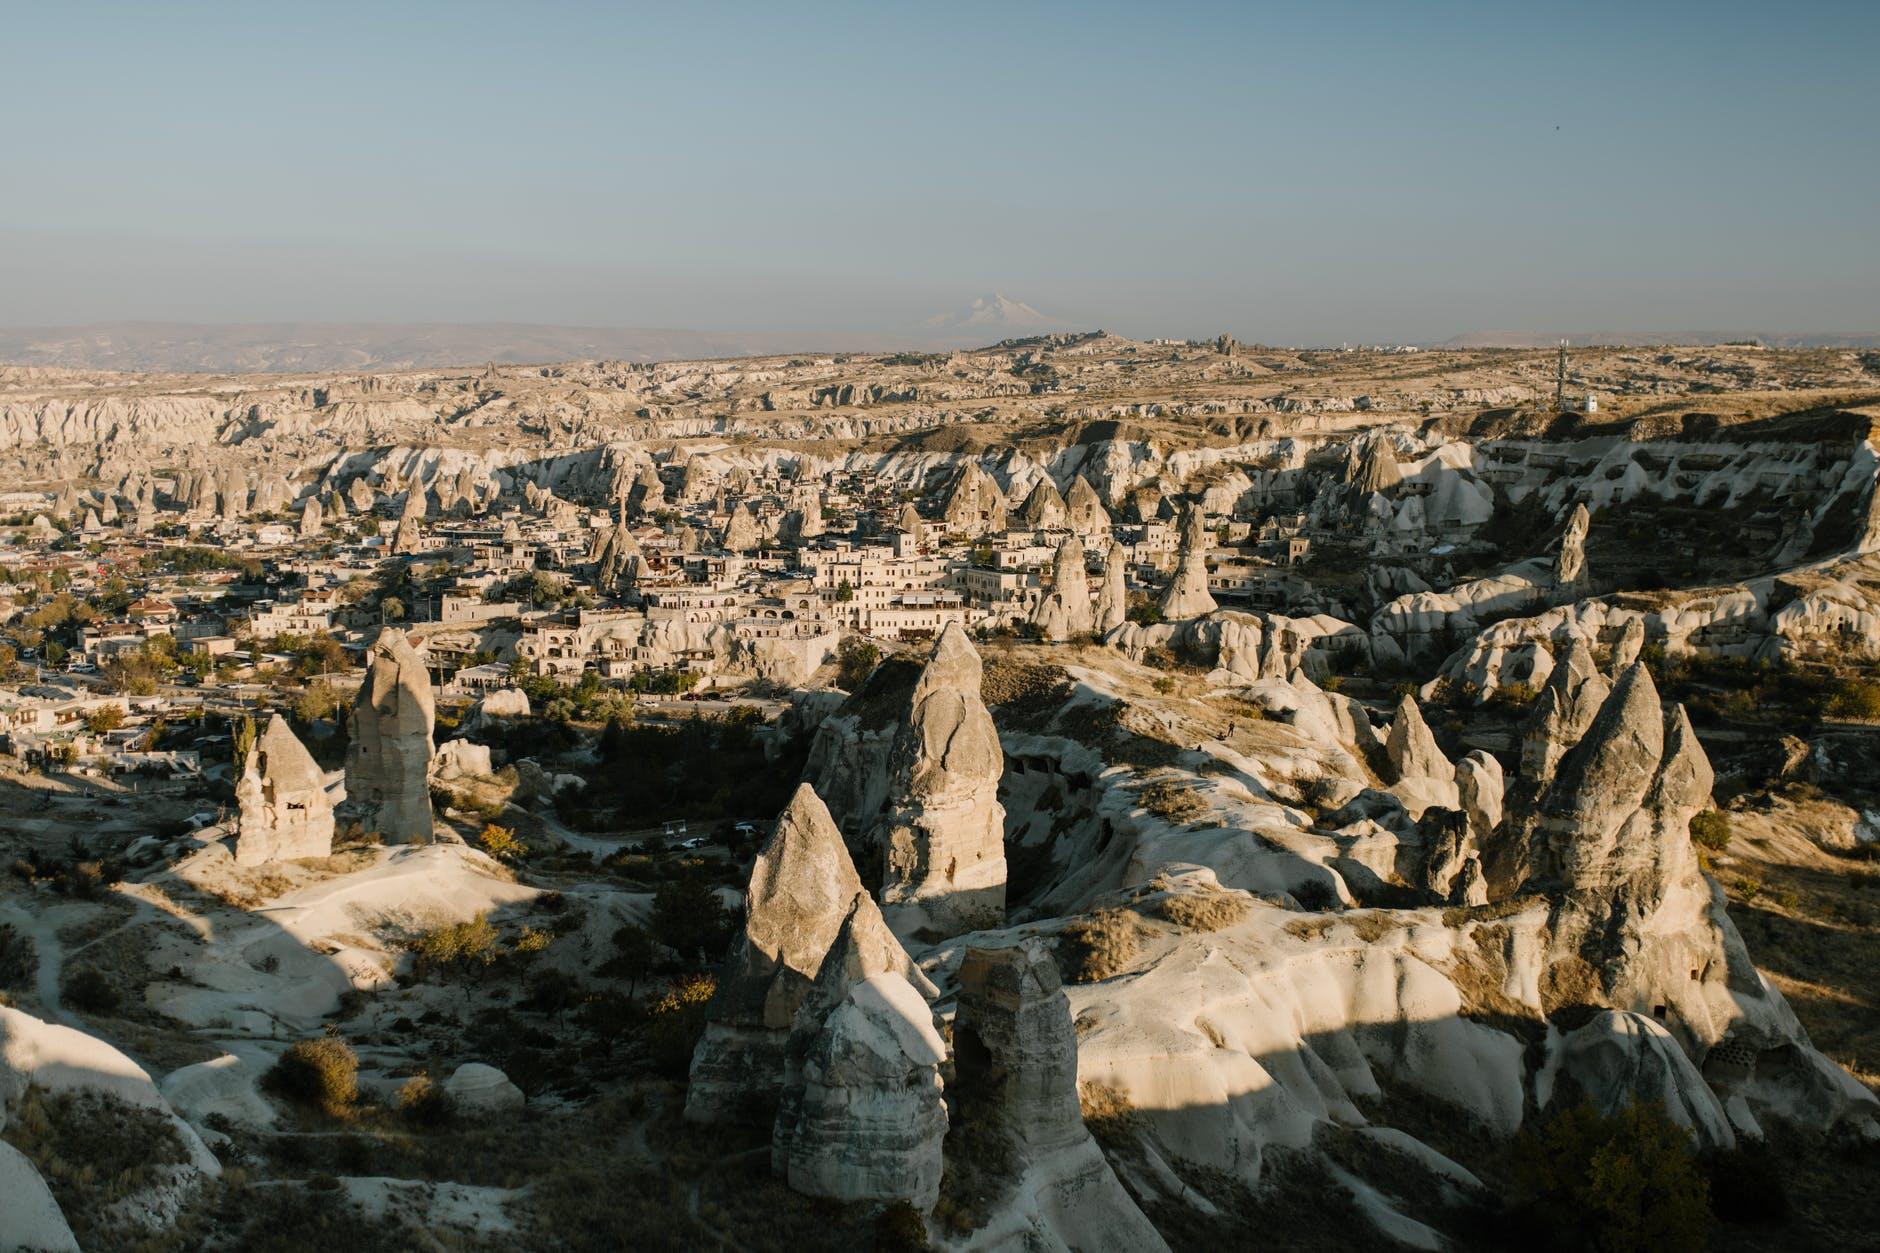 medieval stone town on spacious rocky terrain